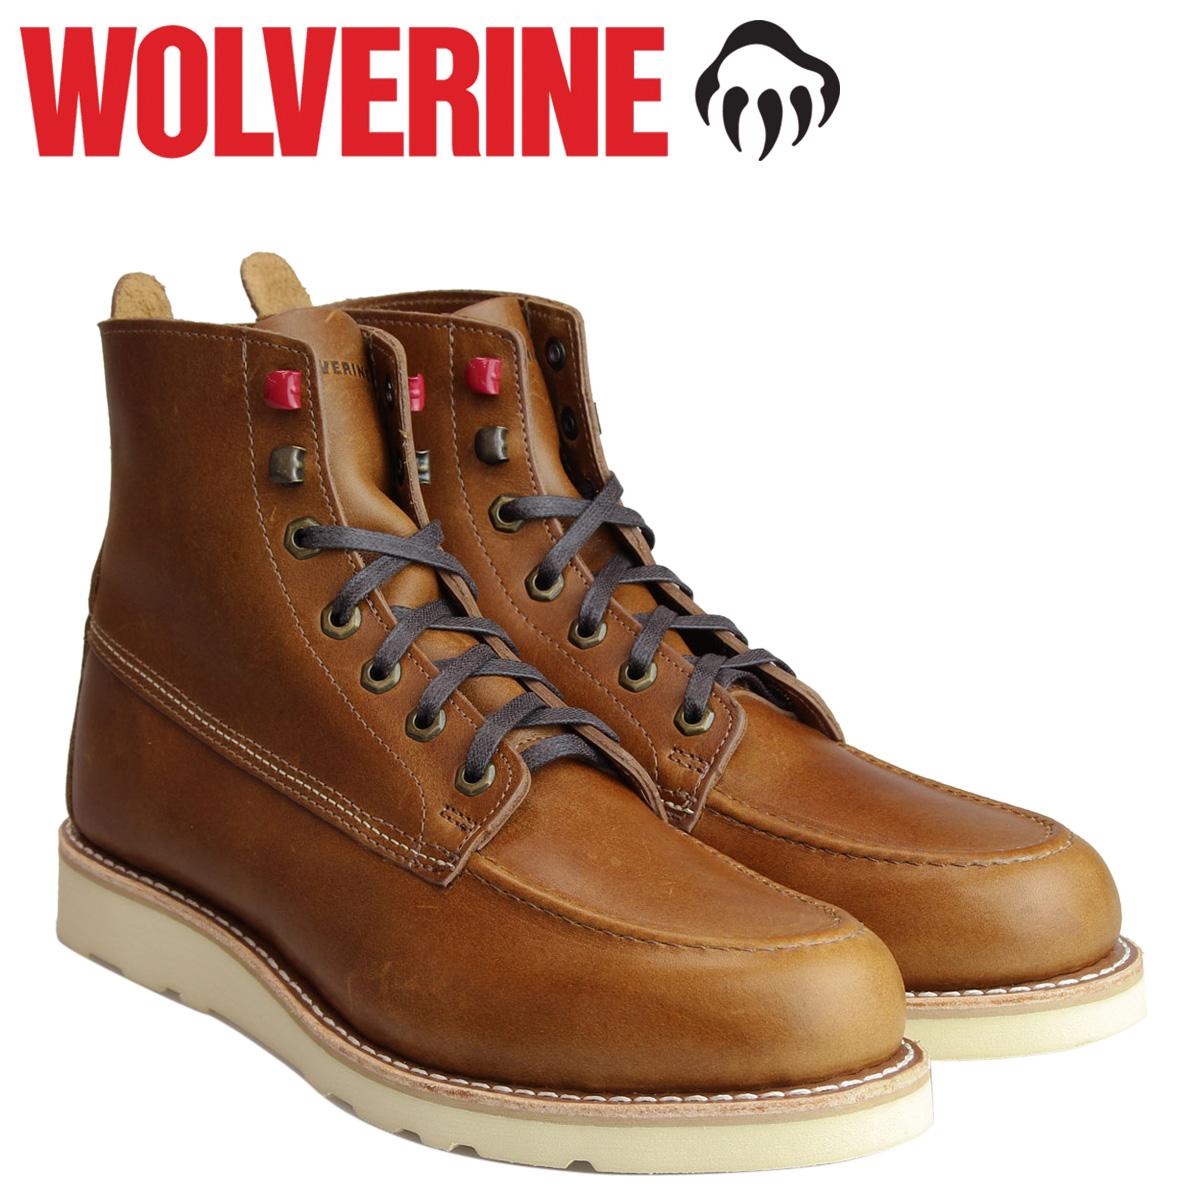 ウルヴァリン ブーツ WOLVERINE メンズ LOUIS WEDGE BOOT Dワイズ W40410 ダークトープ ワークブーツ